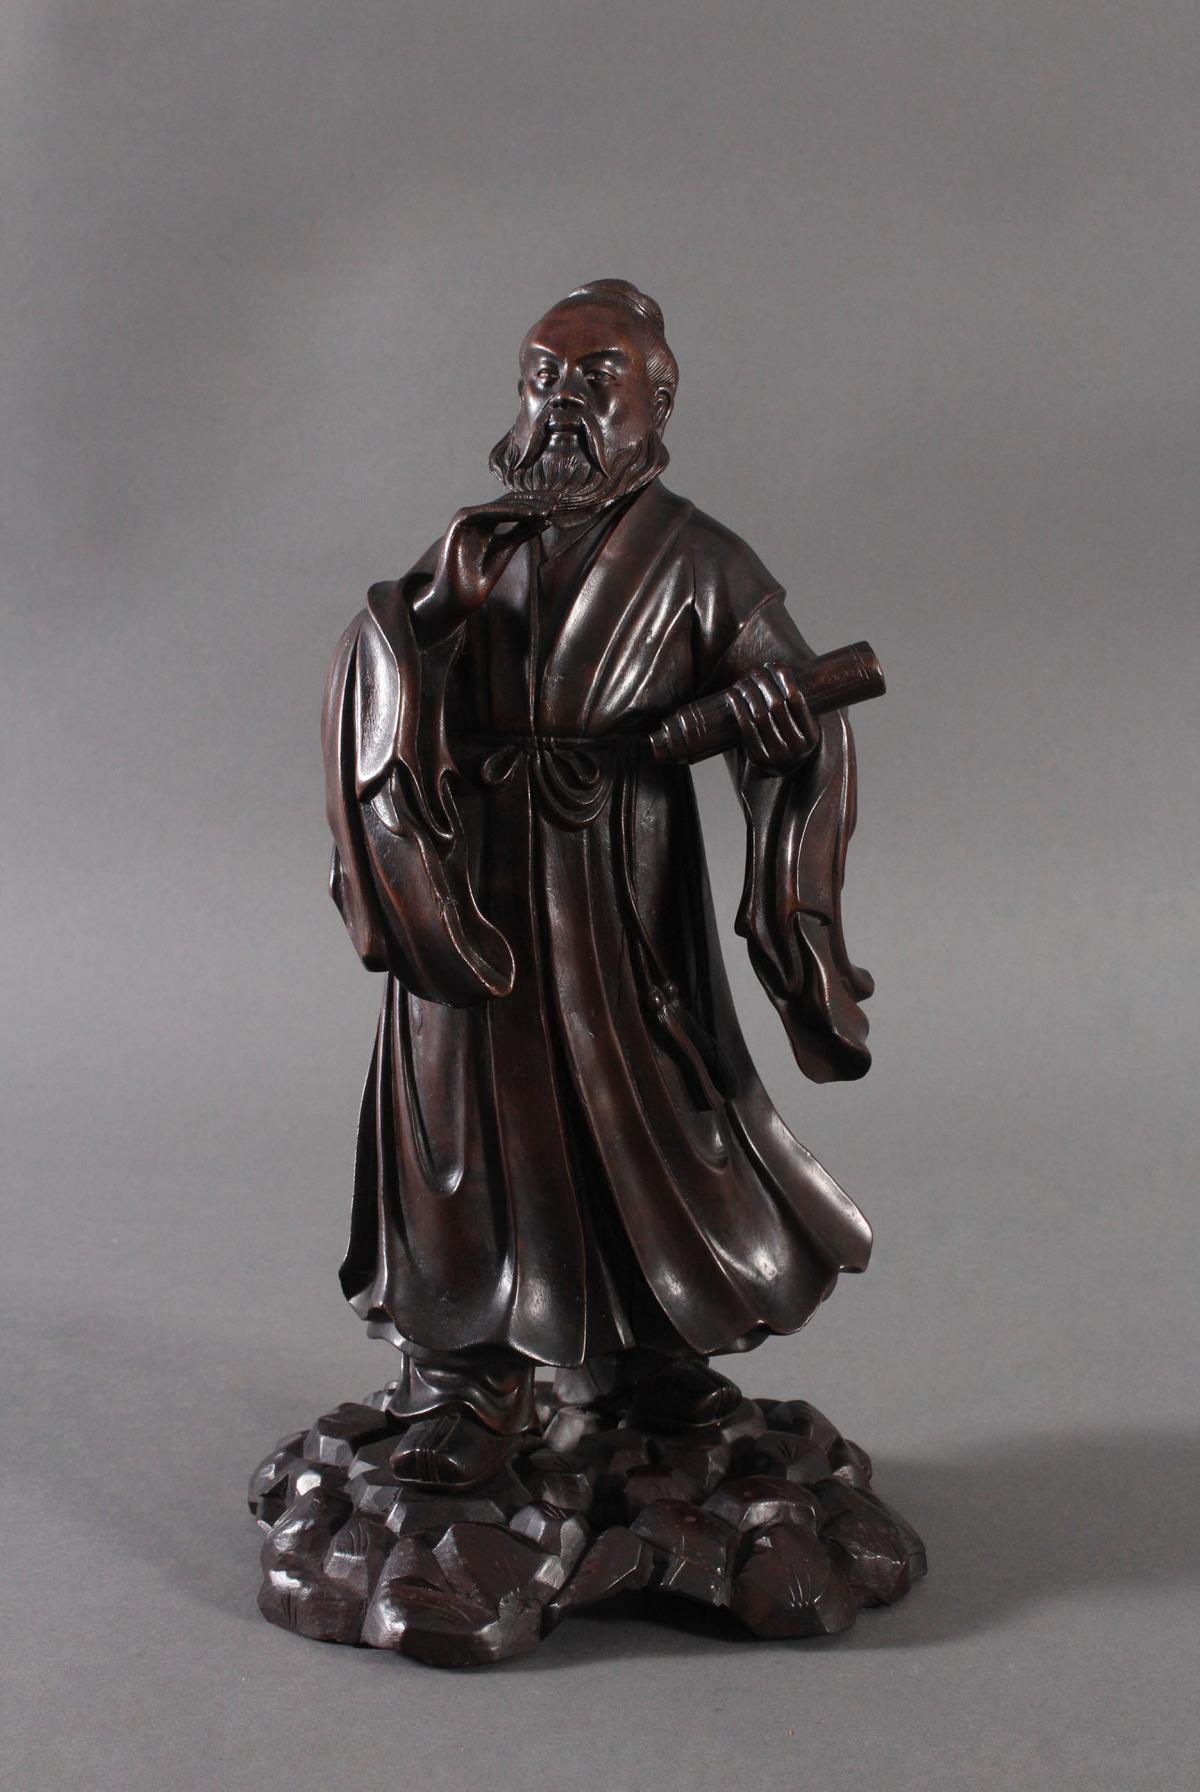 Chinesische Holzskulptur, 'Gelehrter', um 1880